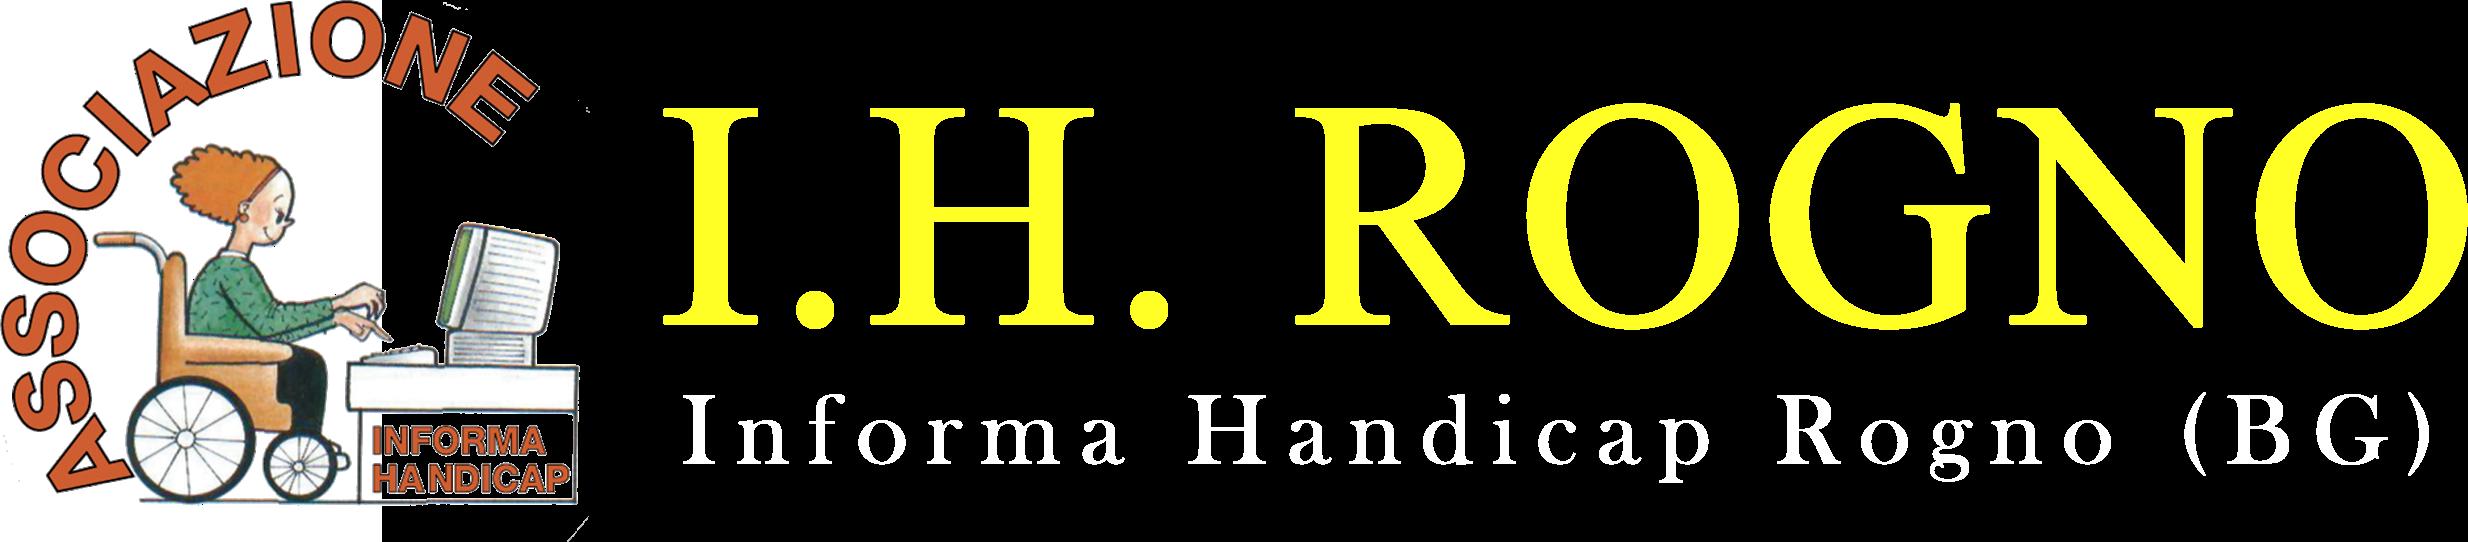 IH Rogno